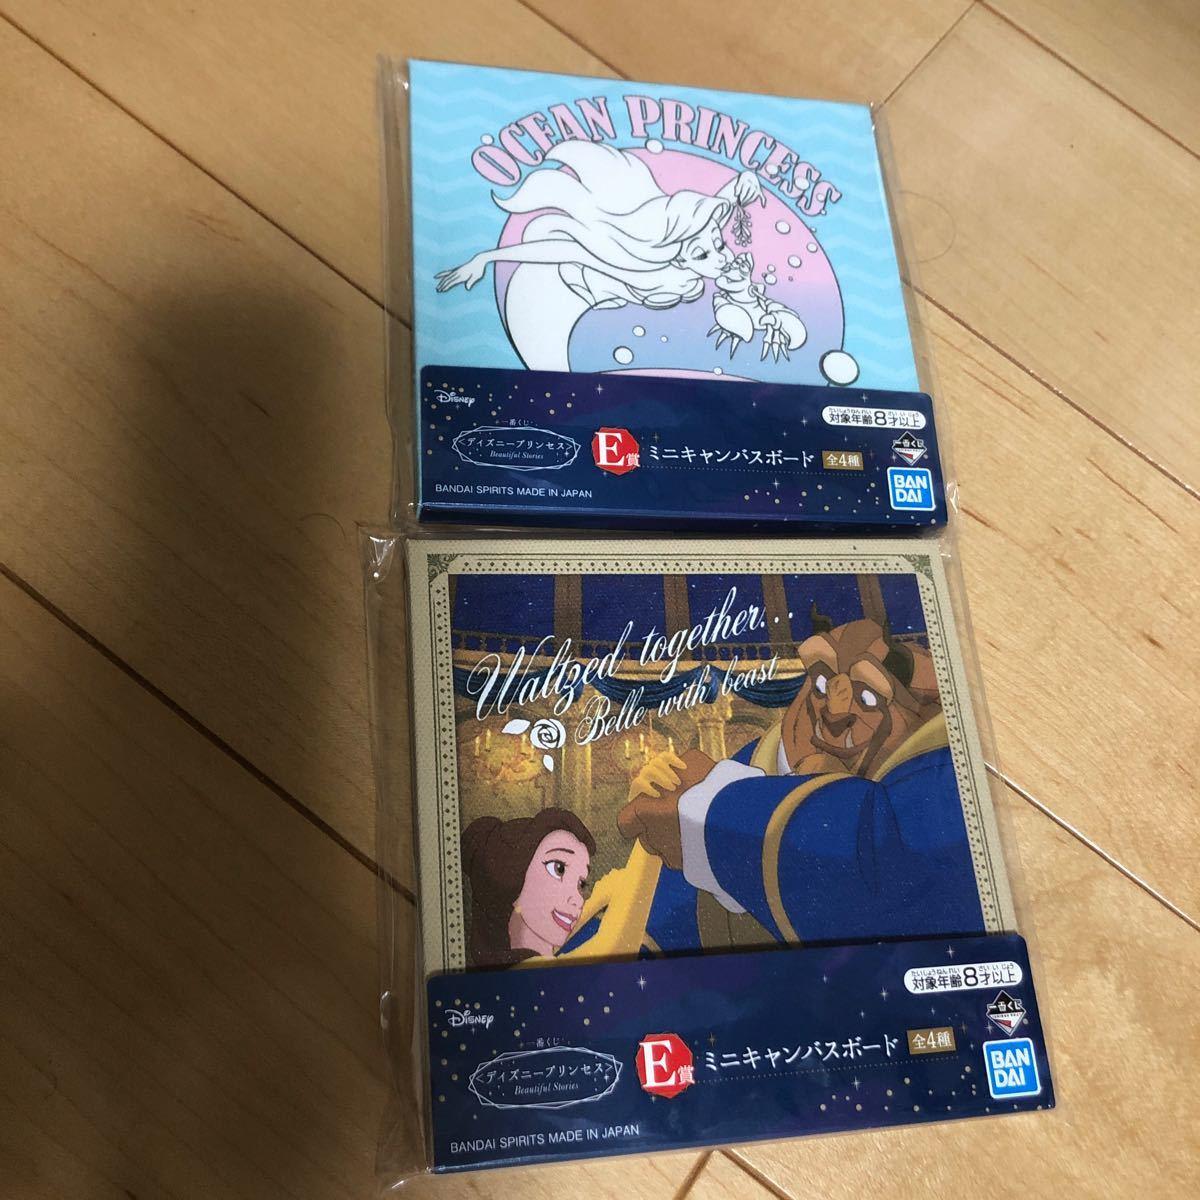 一番くじ  E賞 ミニキャンバスボード ディズニープリンセス アリエル 美女と野獣